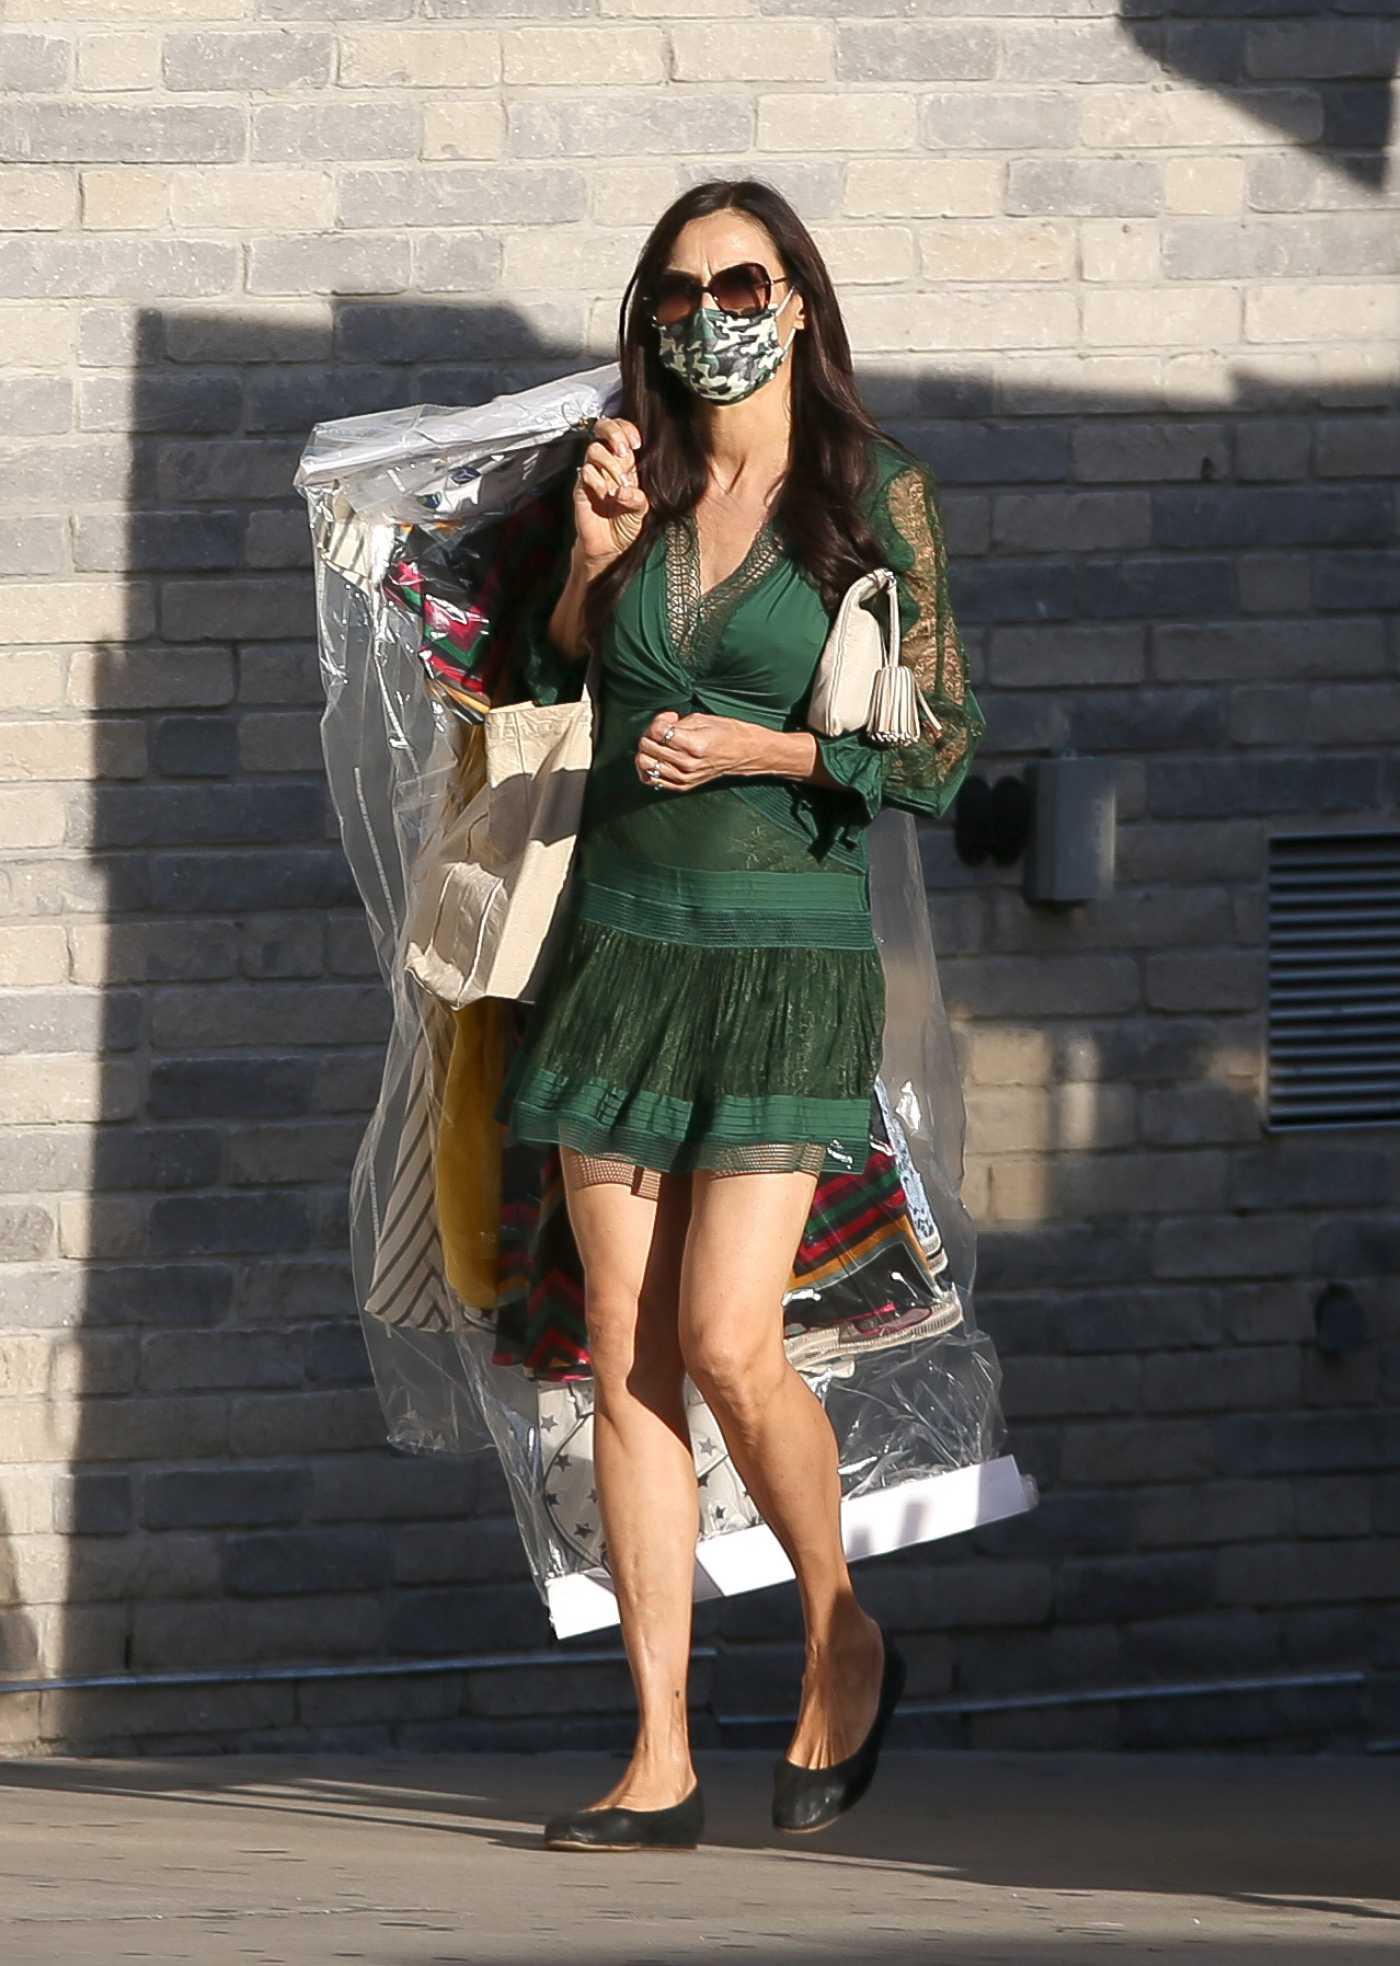 Famke Janssen in a Green Mini Dress Was Seen Out in New York 11/05/2020